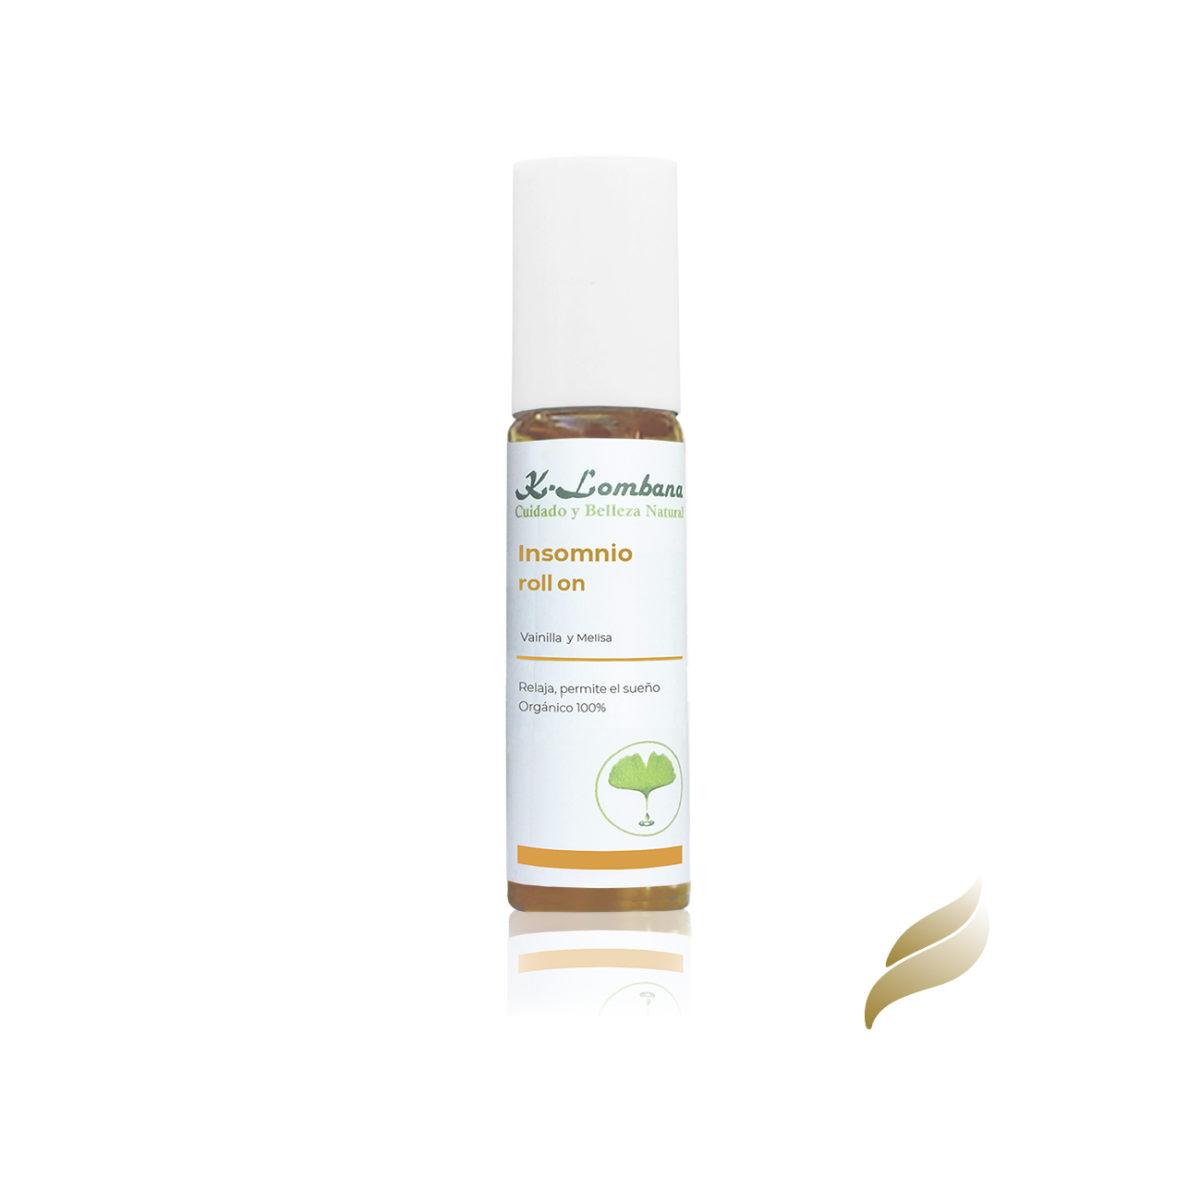 Insomnio aceite Relaja, aceites vegetales y esenciales naturales 100 % relaja tu mente, permitiendo un sueño profundo.